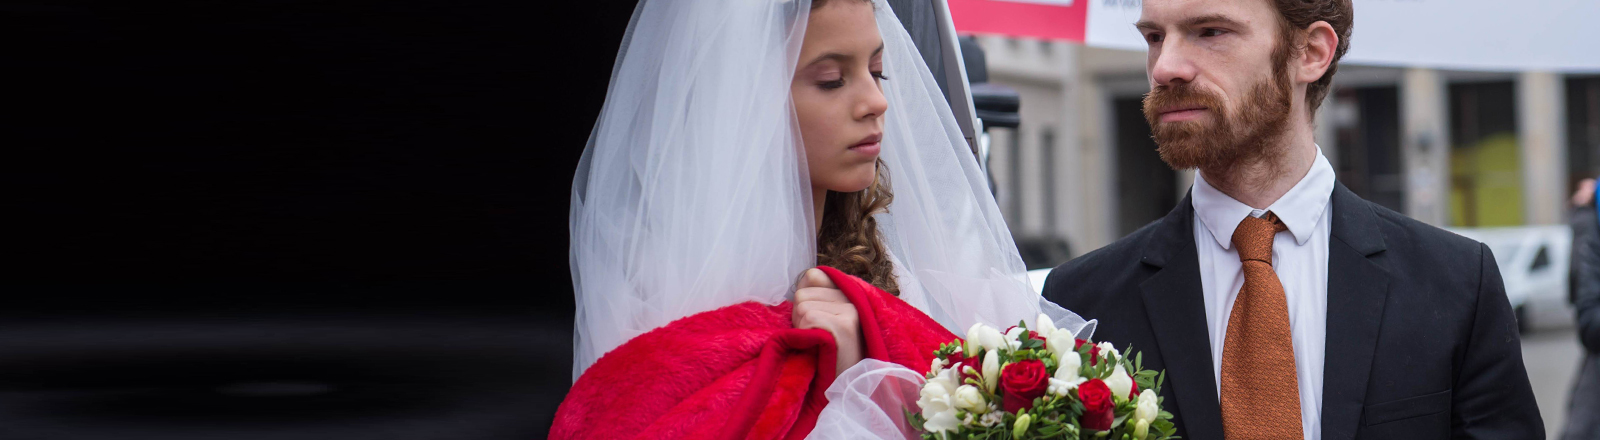 Eine junge frau soll einen älteren Mann heiraten. Protestaktion von Terre des Femmes.